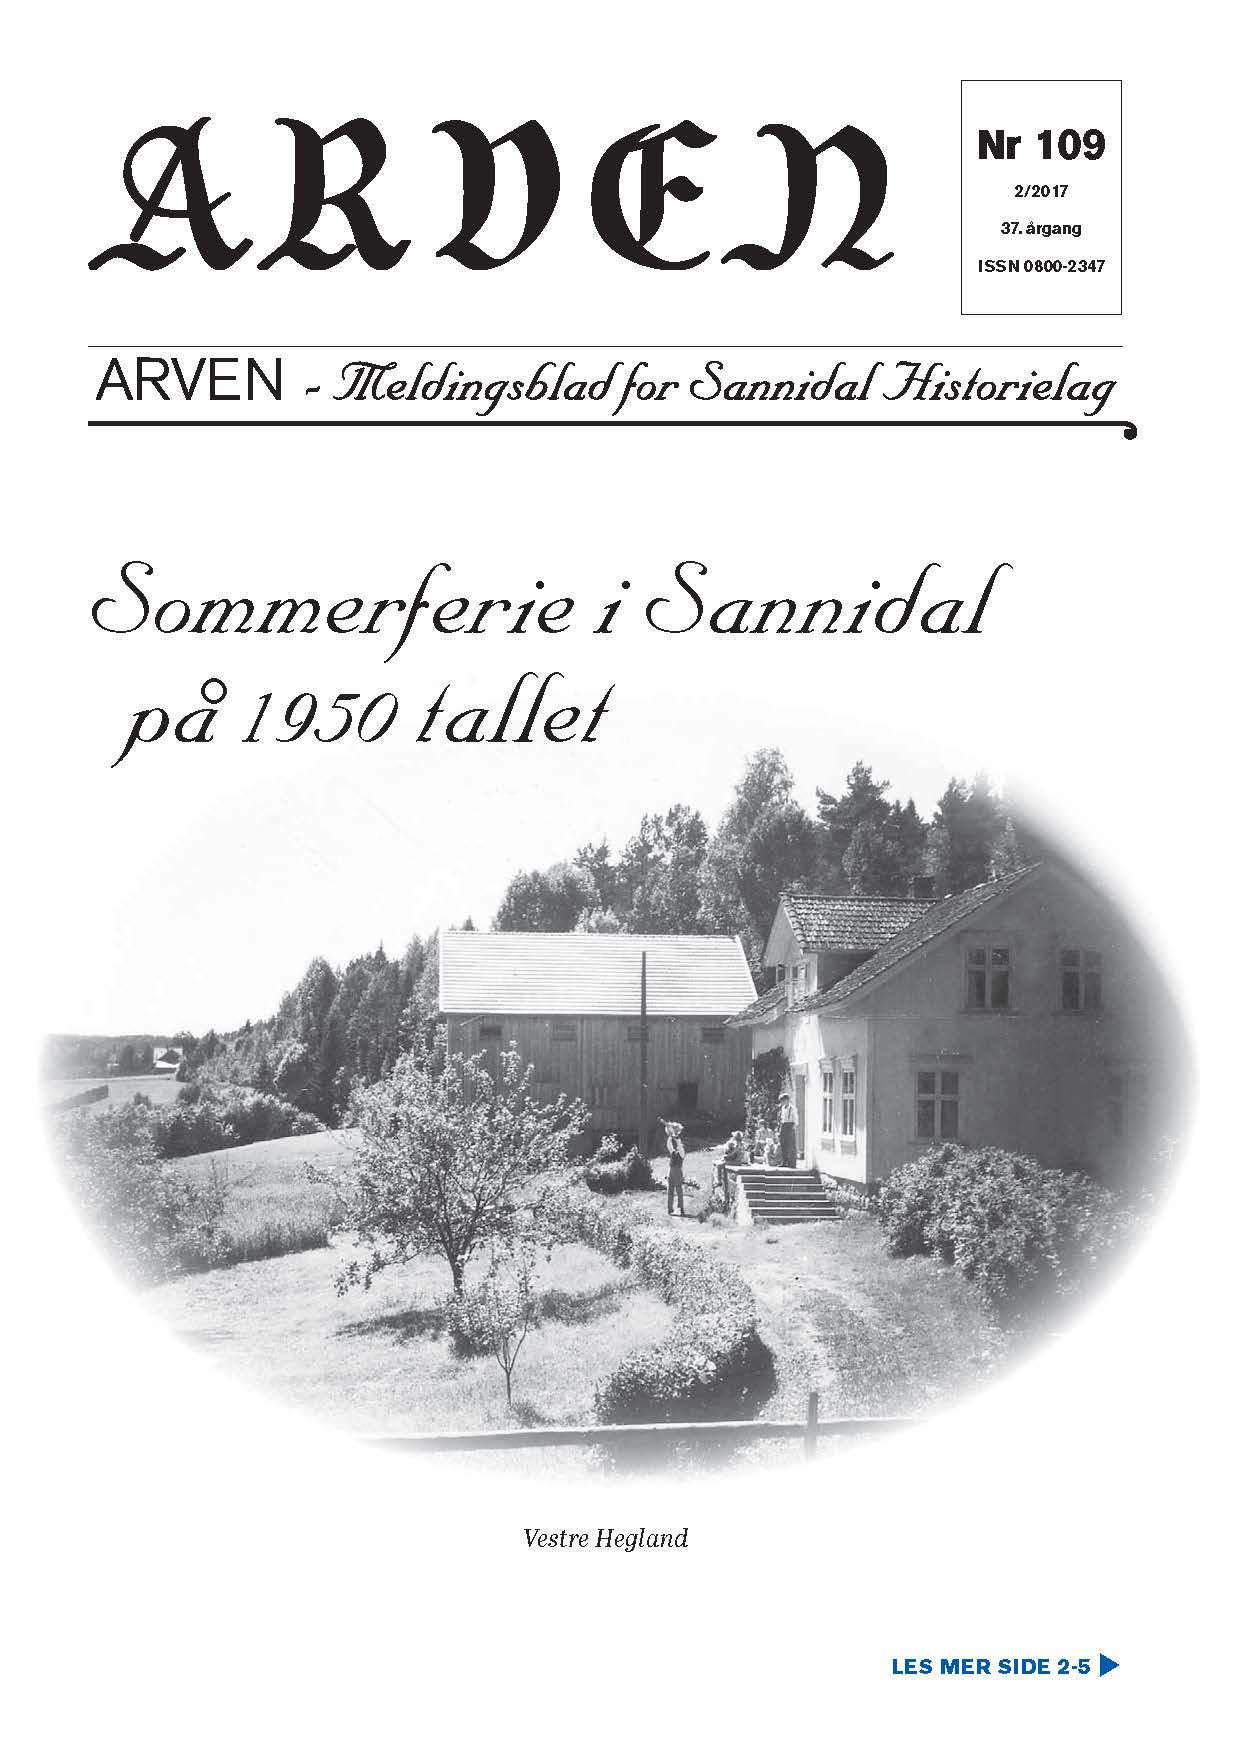 Arven nr. 109 publisert